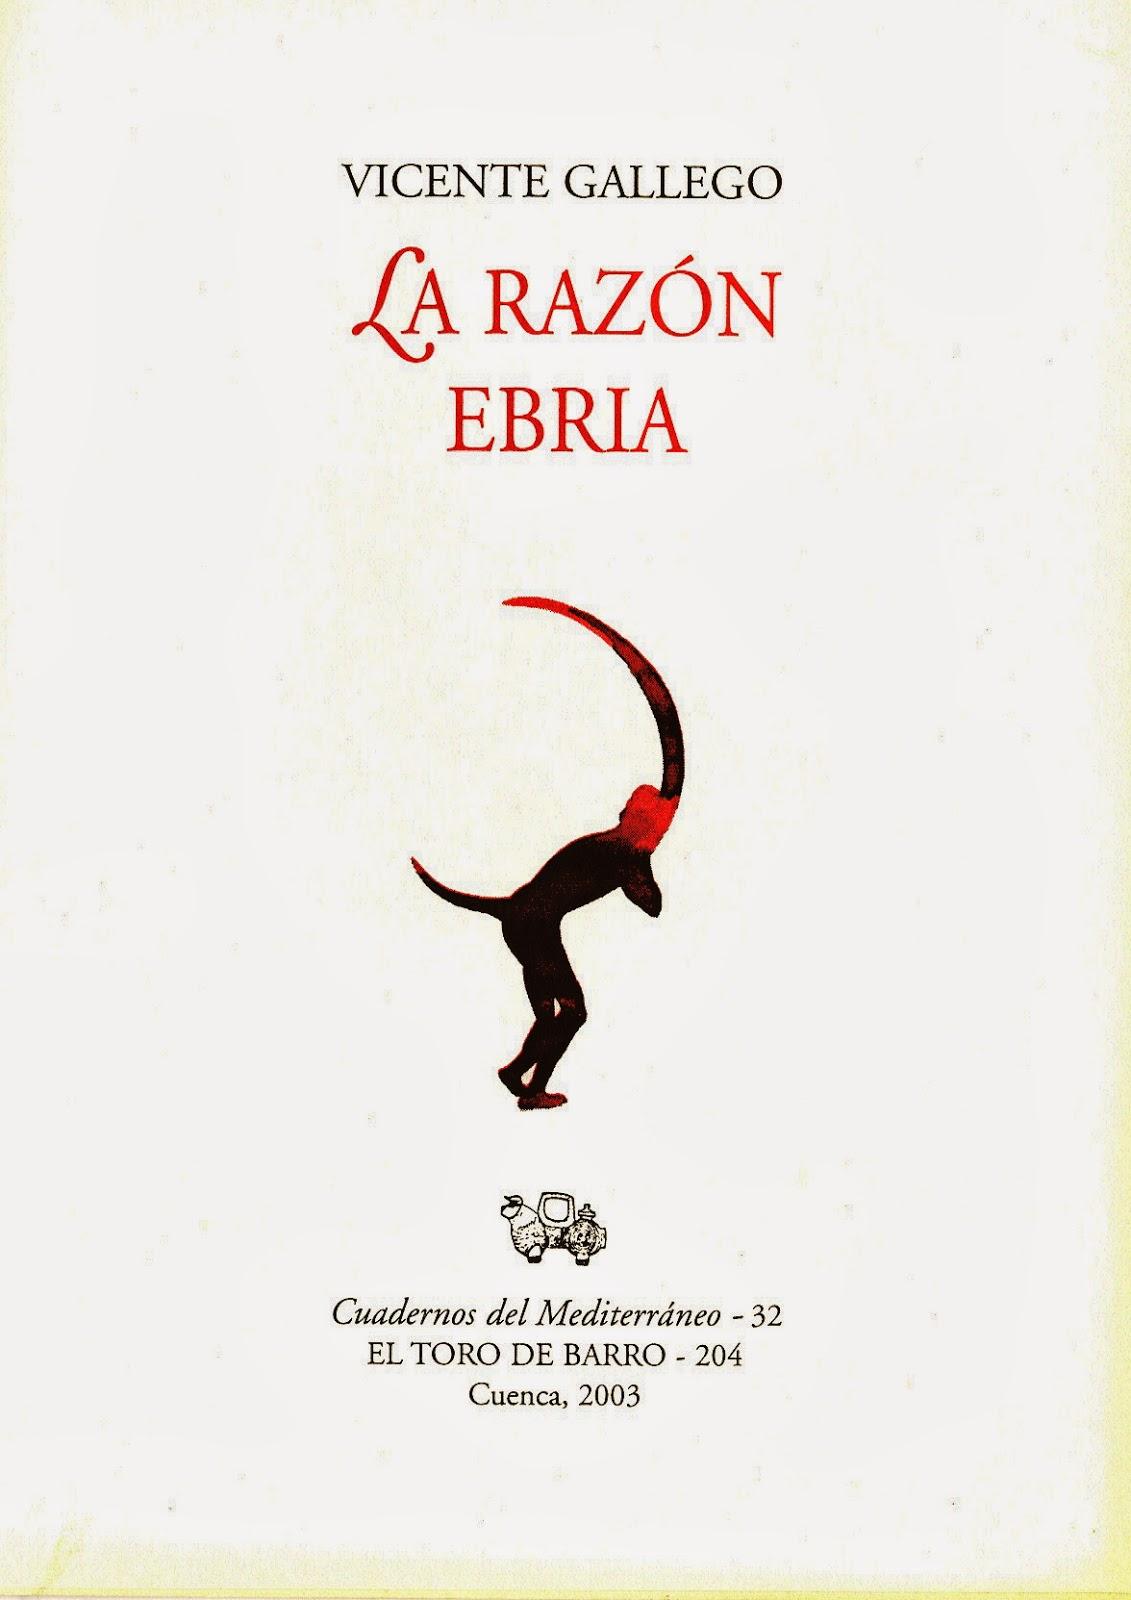 Vicente Gallego, La razón ebria  Col. «Cuaderno del Mediterráneo» Ed. El Toro de Barro, Carlos Morales ed. Tarancón de Cuenca, 2003. edicioneseltorodebarro@yahoo.es